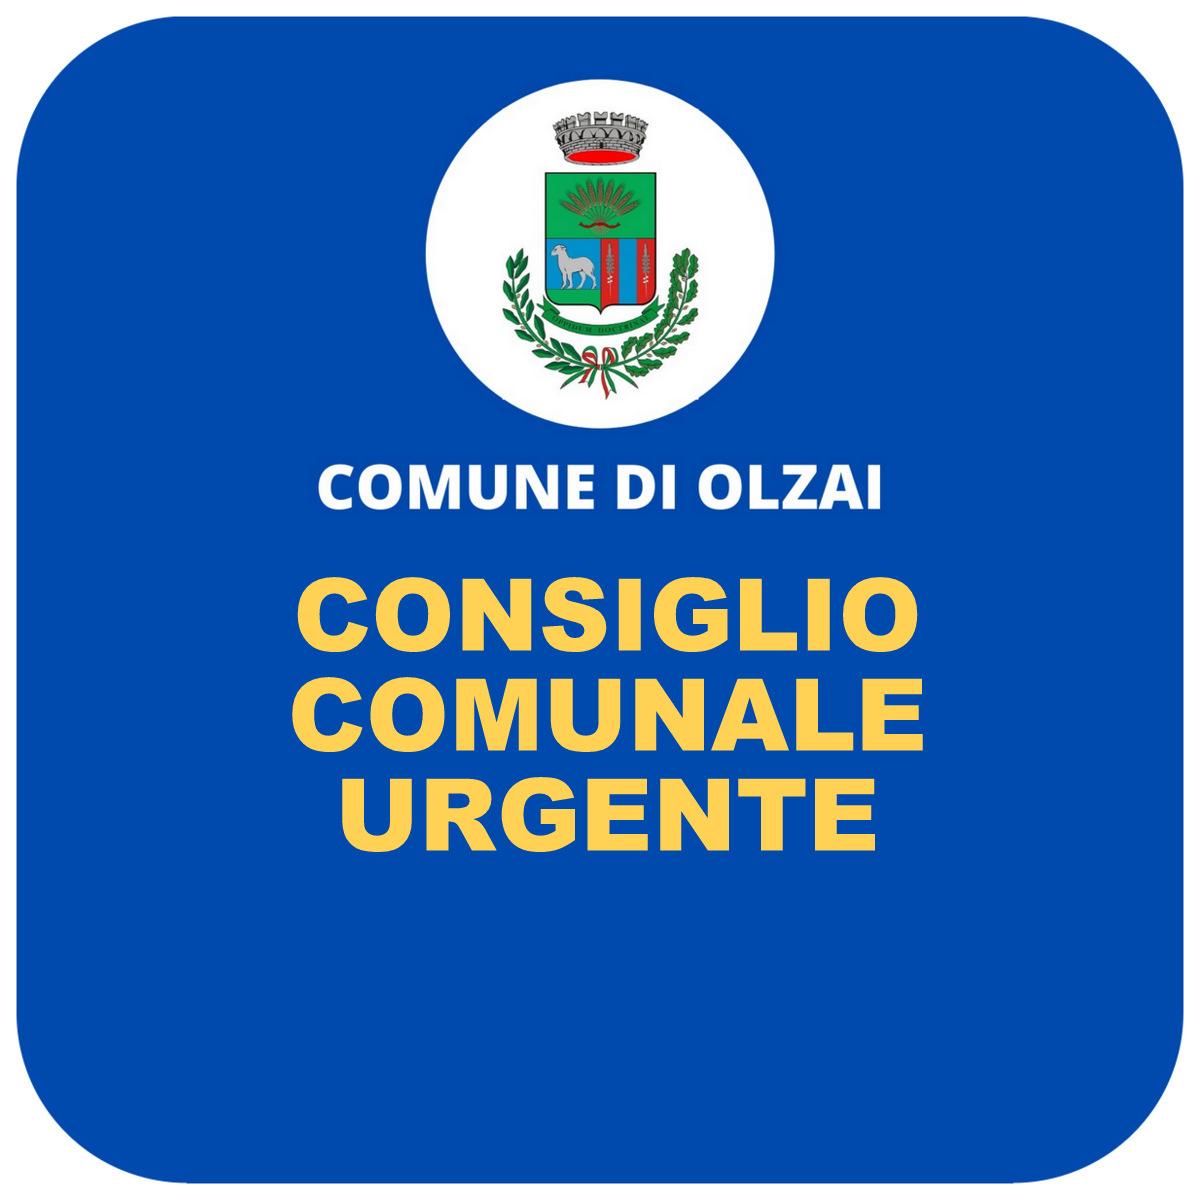 CONVOCAZIONE CONSIGLIO COMUNALE URGENTE